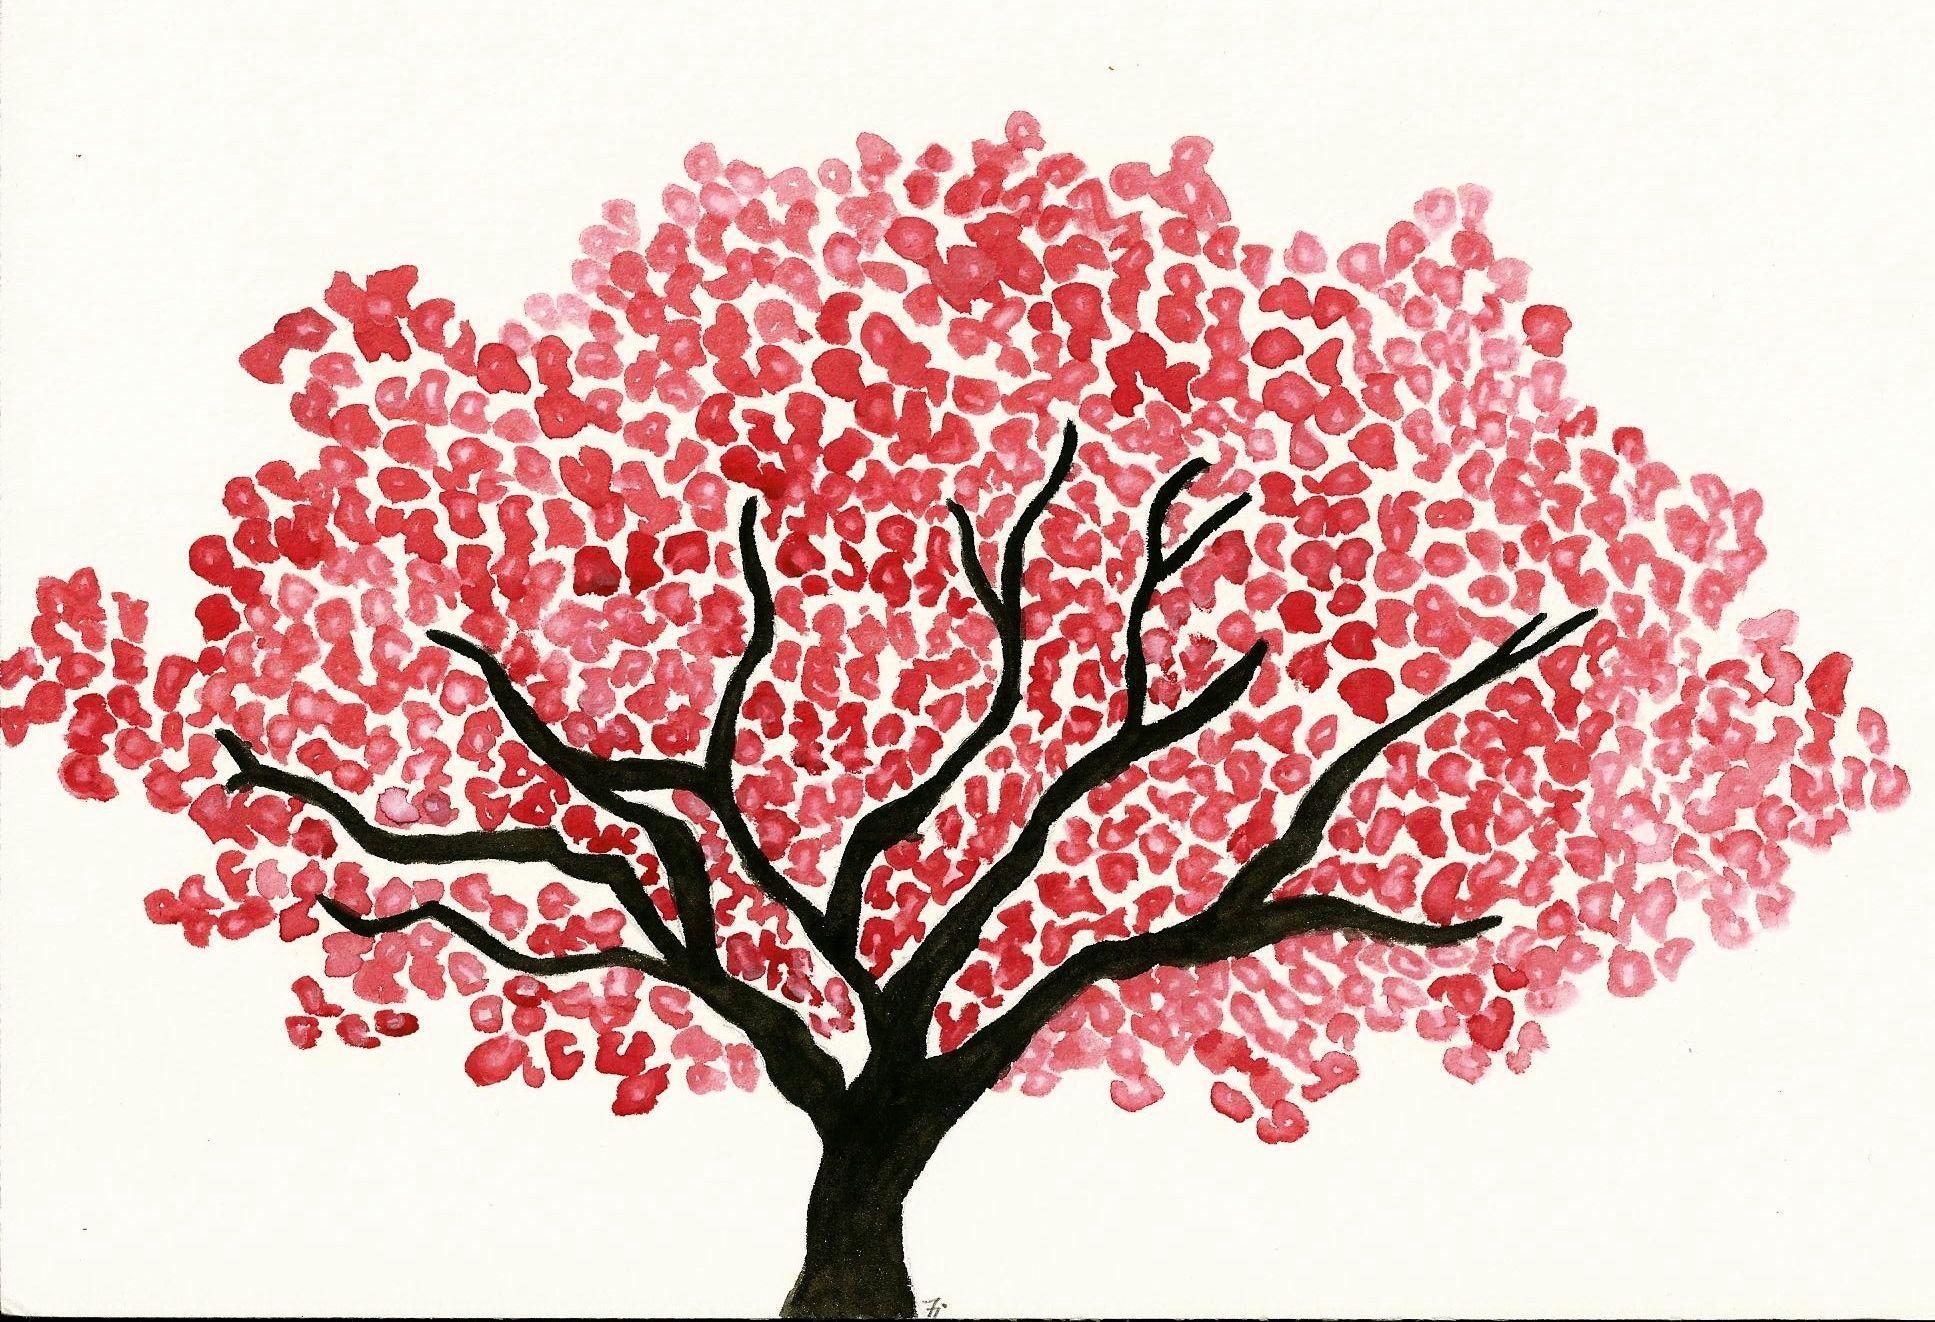 Cerisier japonais l 39 aquarelle illustrations pinterest cerisier japonais cerisier et - Dessin arbre japonais ...